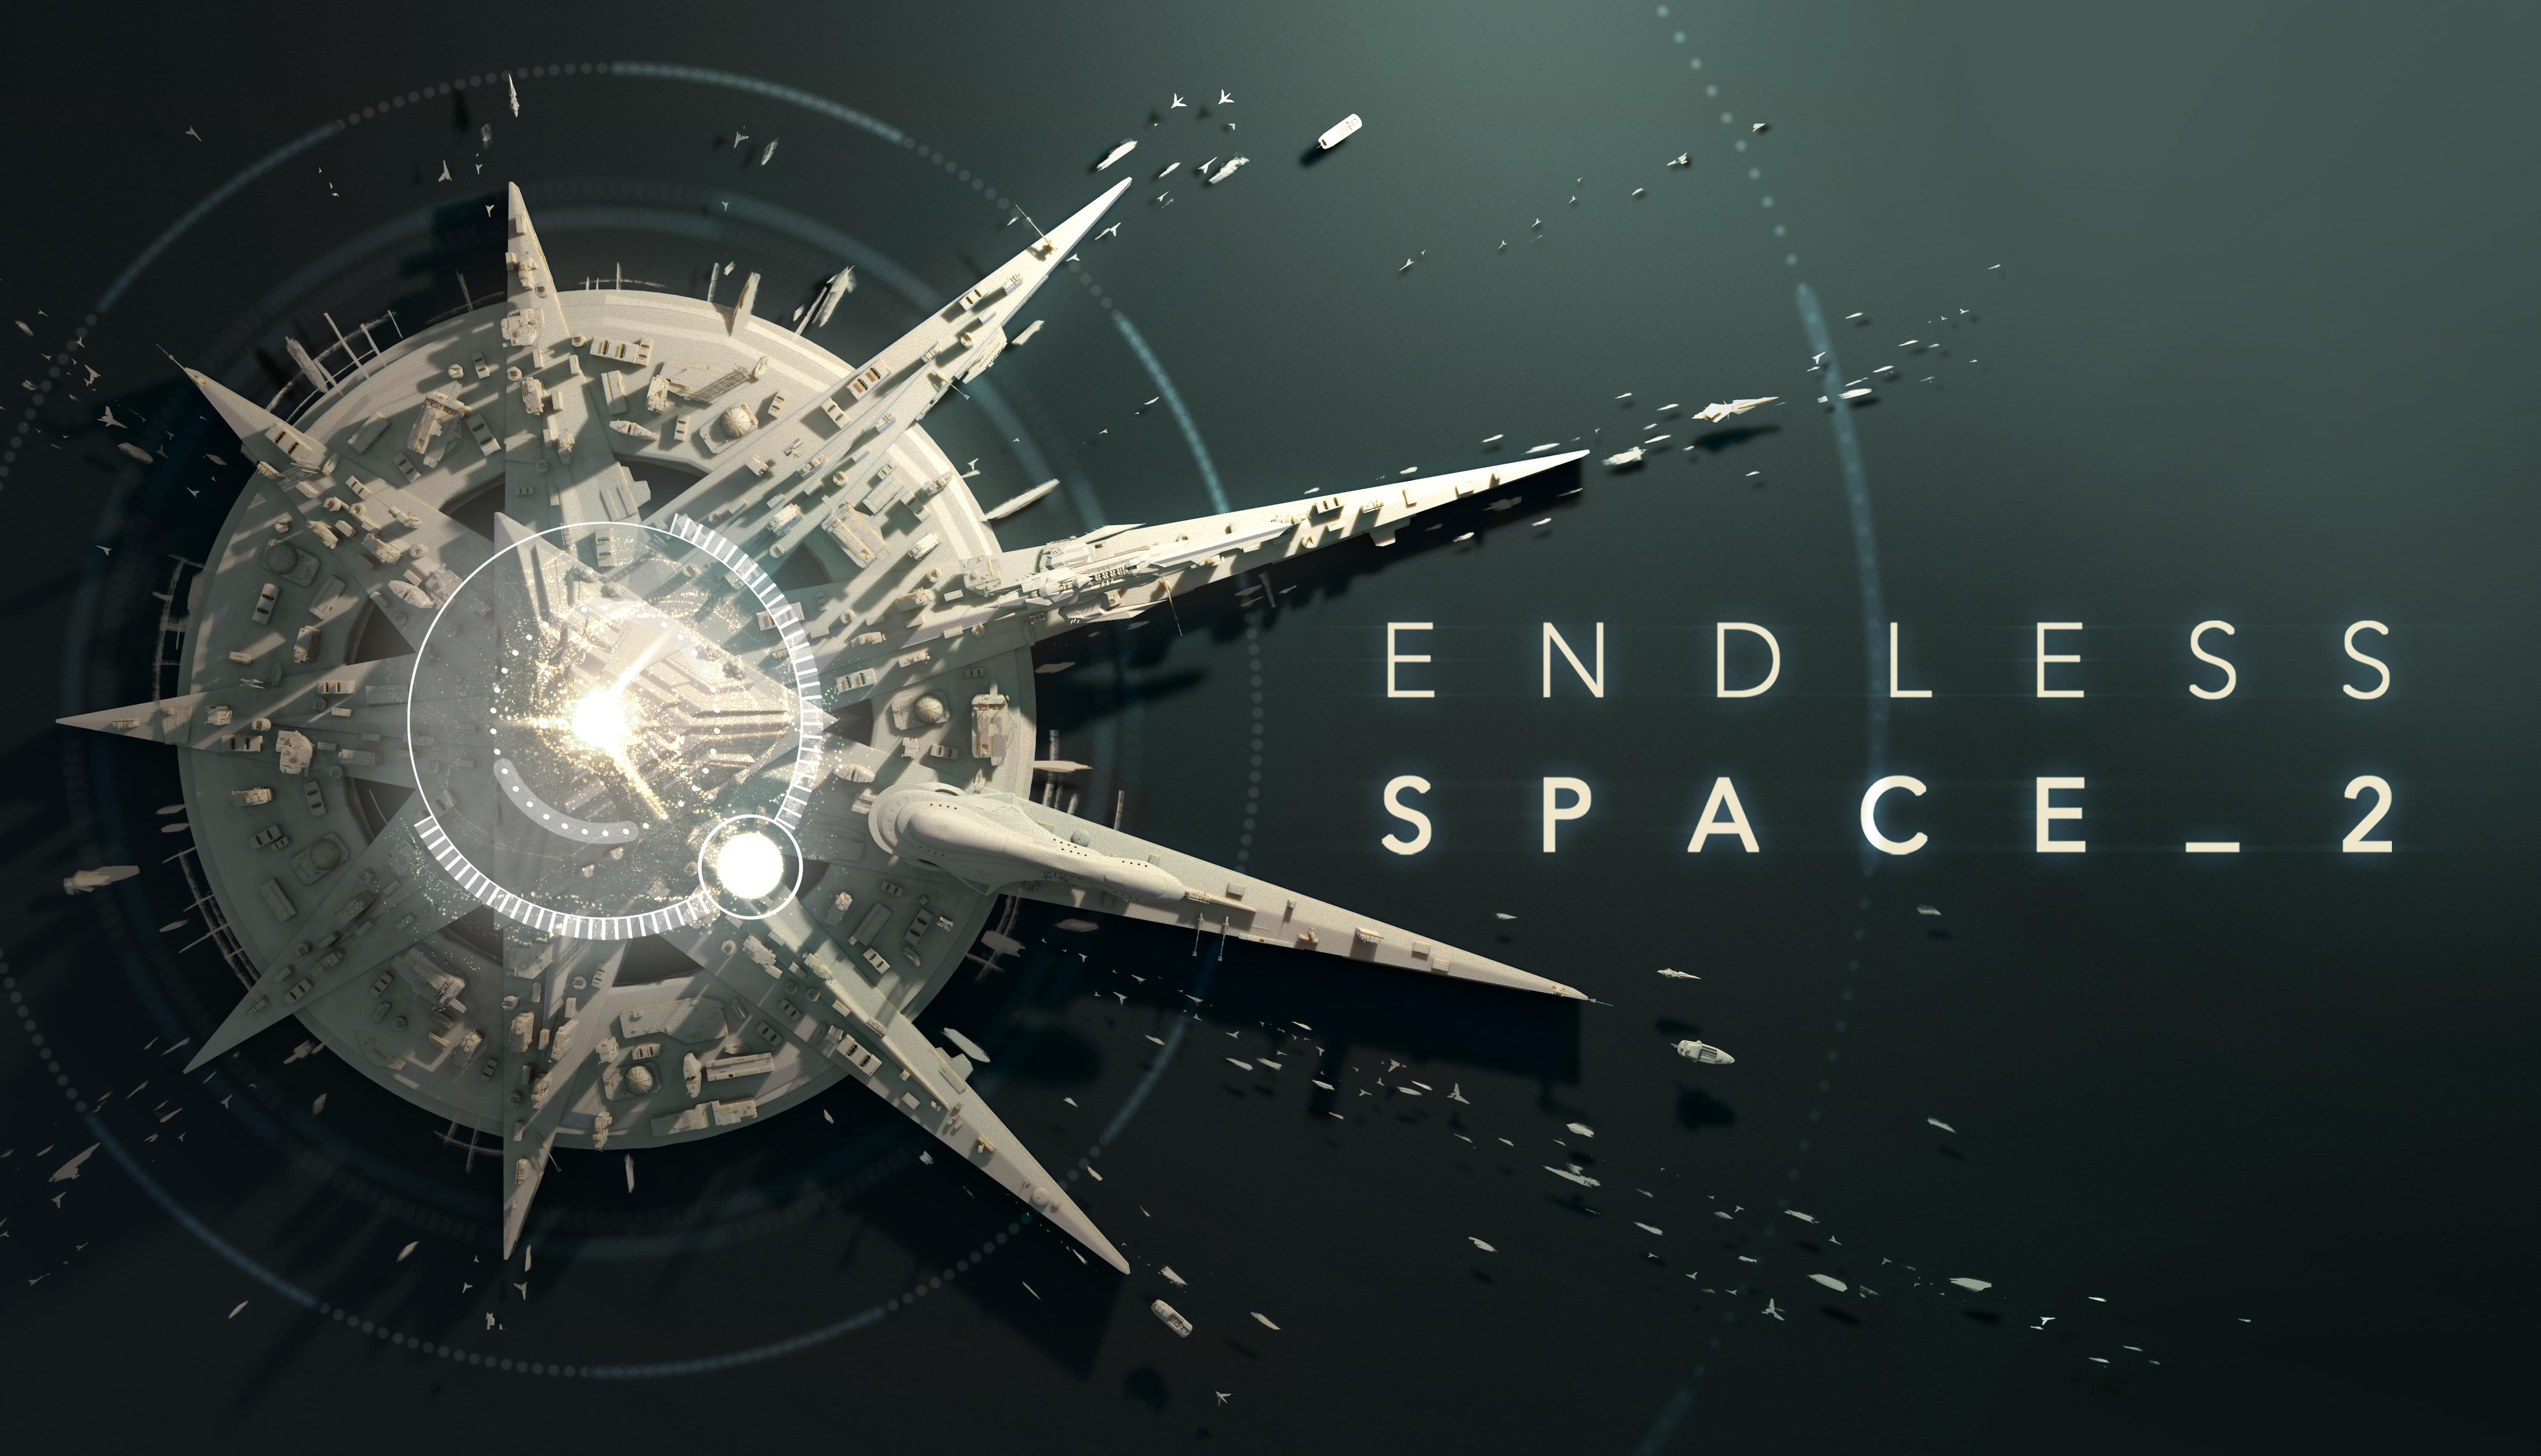 El juego de estrategia 4X Endless Space 2 ya disponible en acceso anticipado en Steam con un 25% de descuento